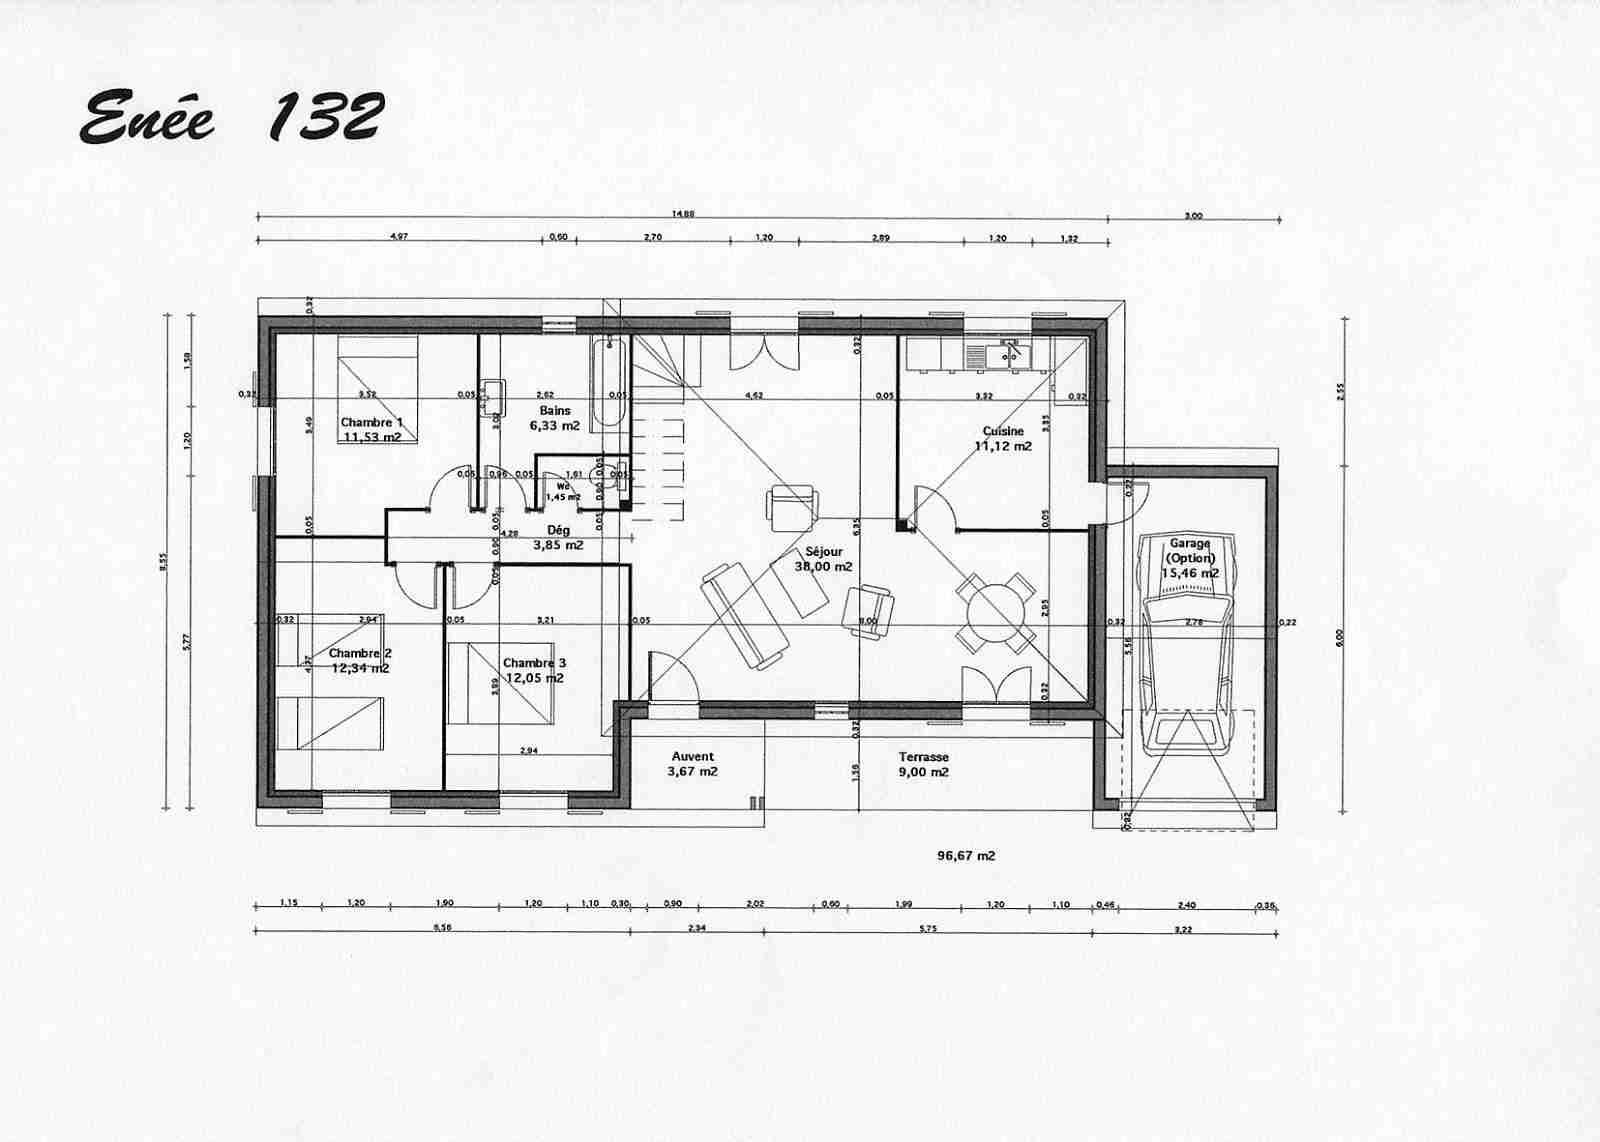 Plan de maison gratuit à télécharger - Idées de travaux